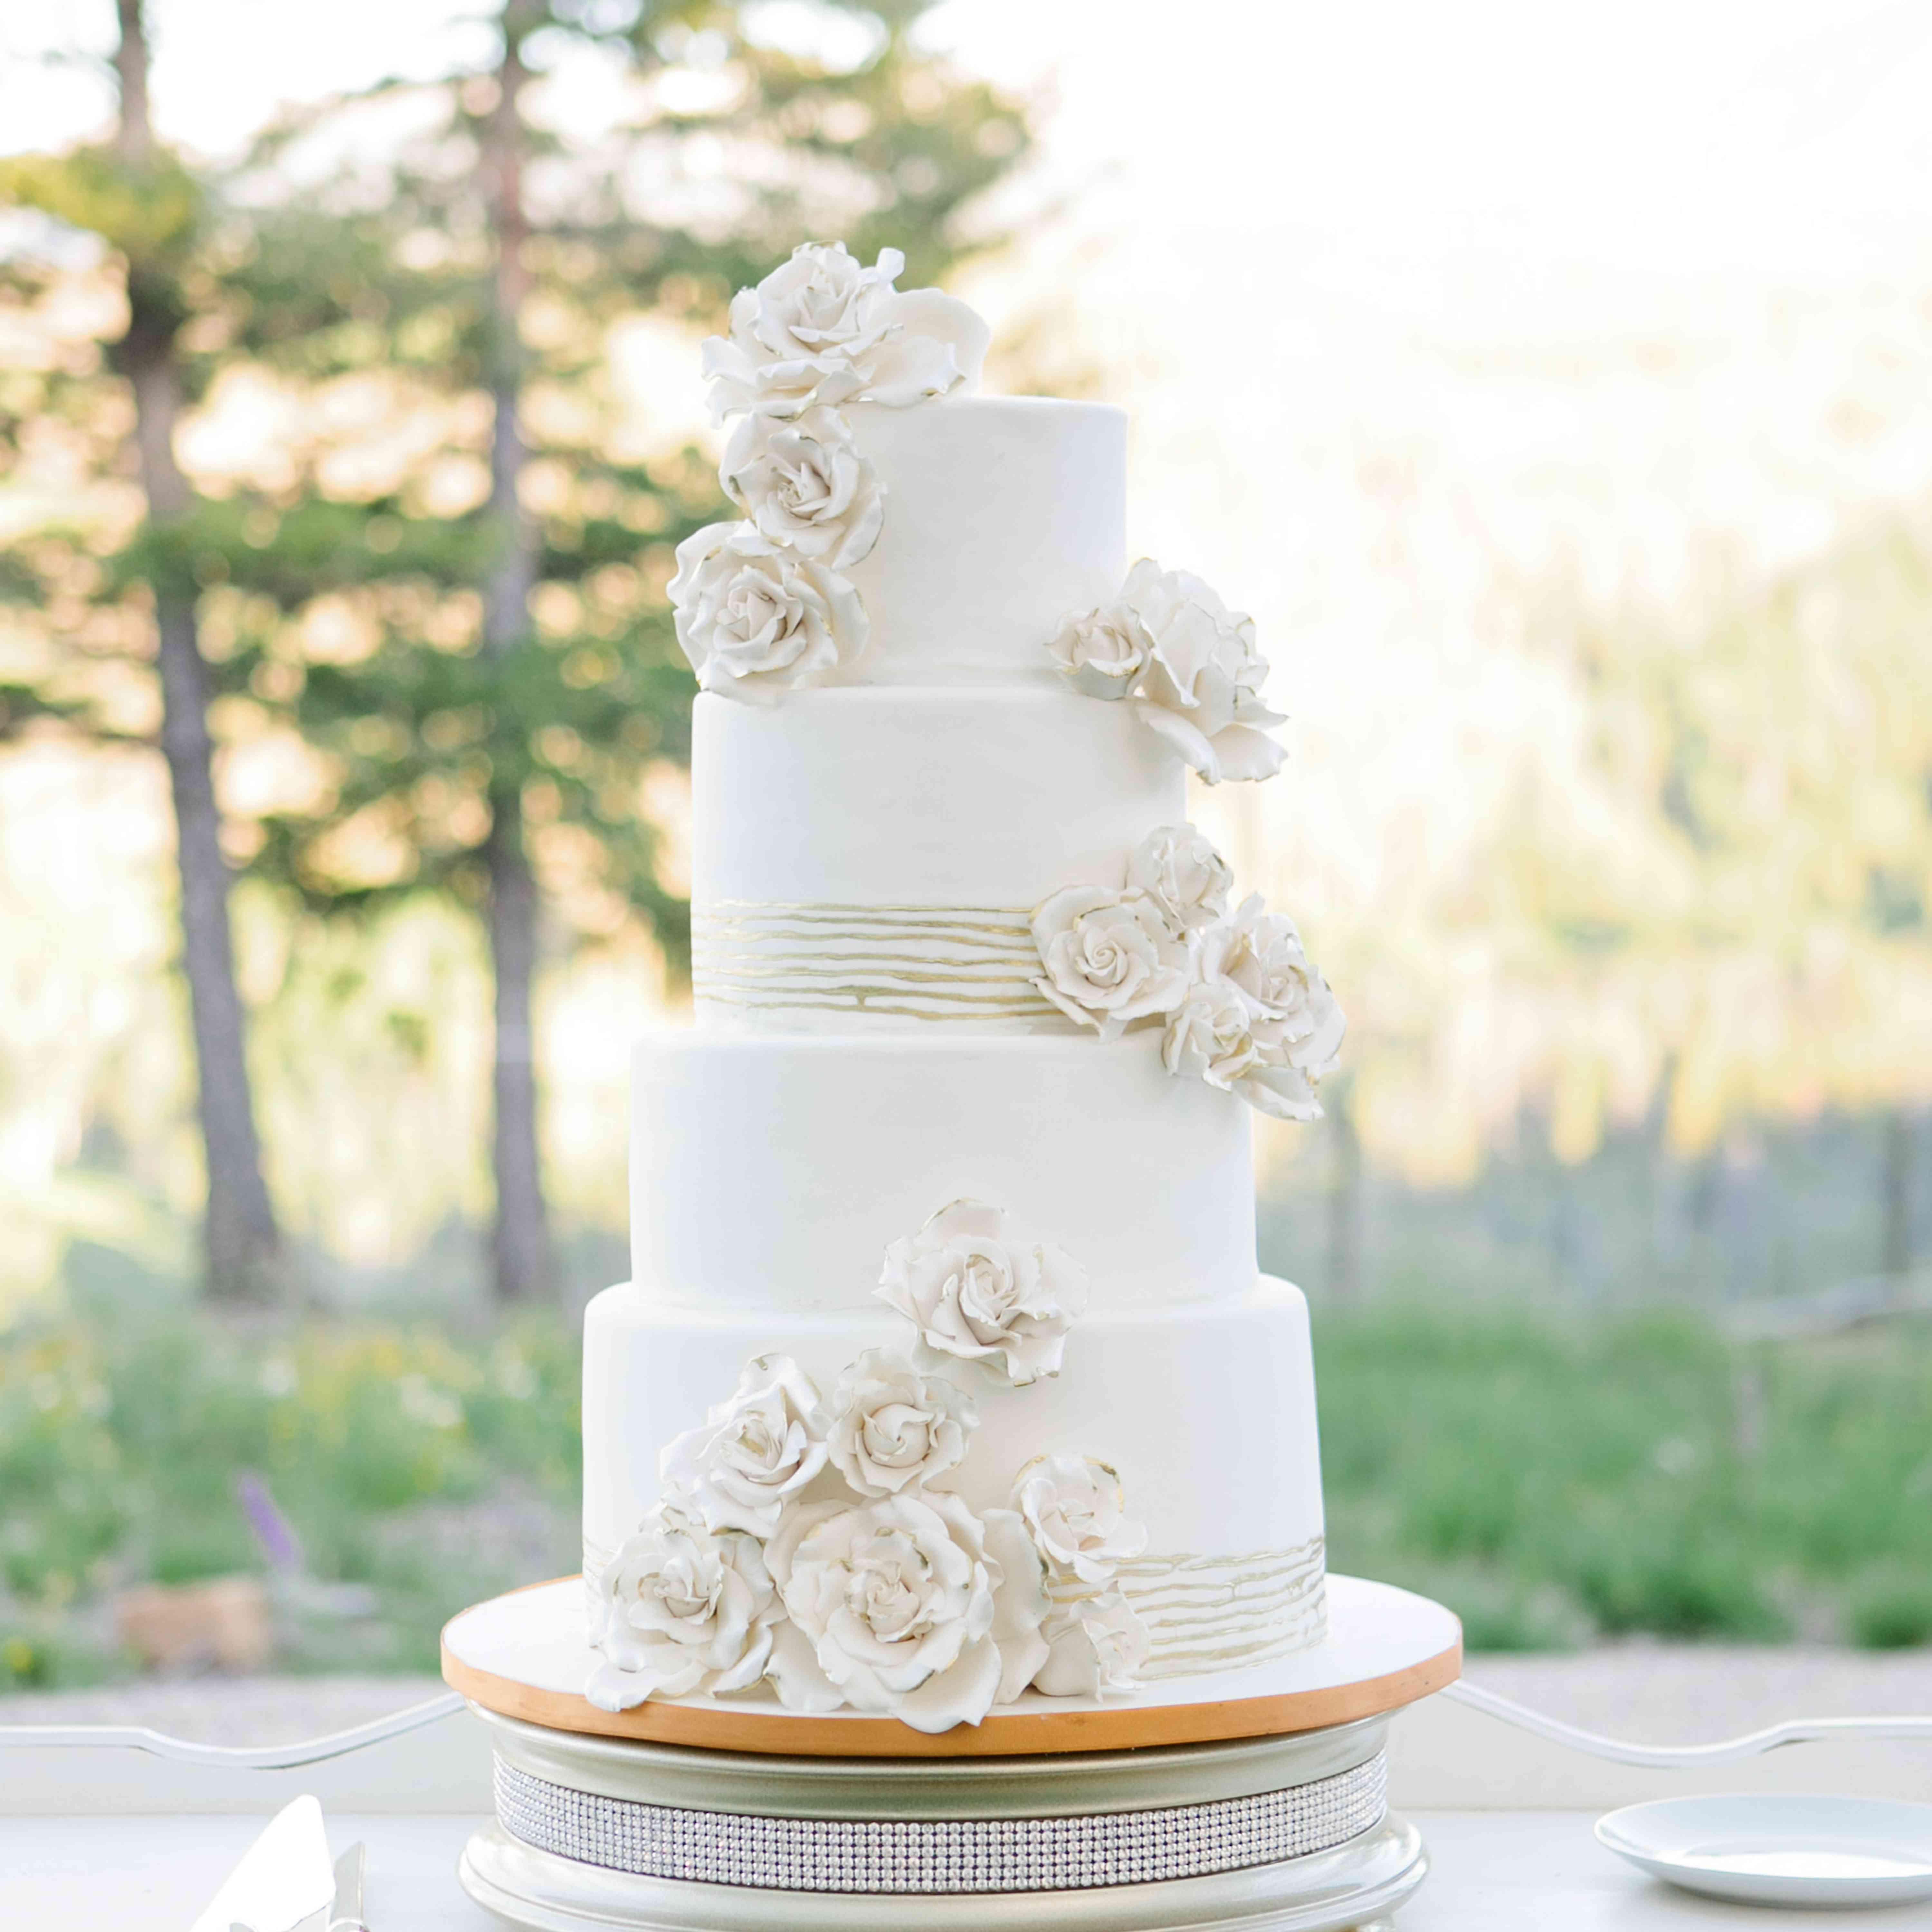 White Four-Tiered Wedding Cake